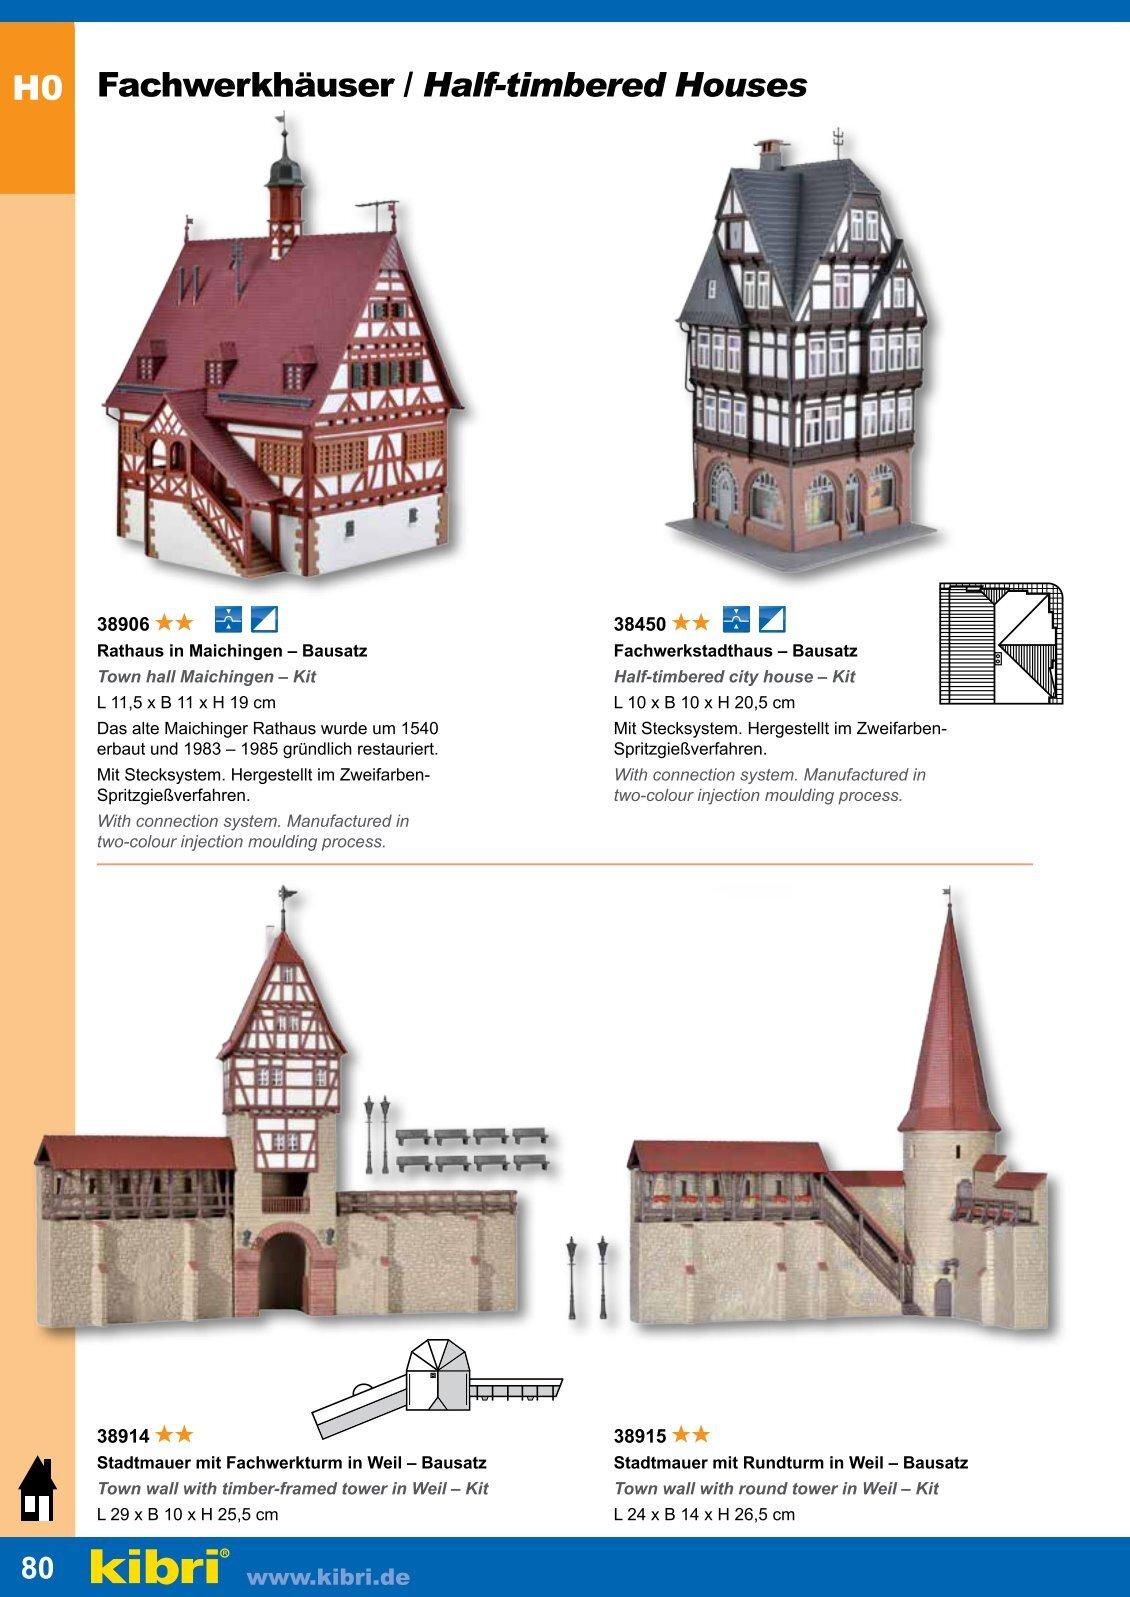 Kibri 38450 H0 Fachwerkstadthaus